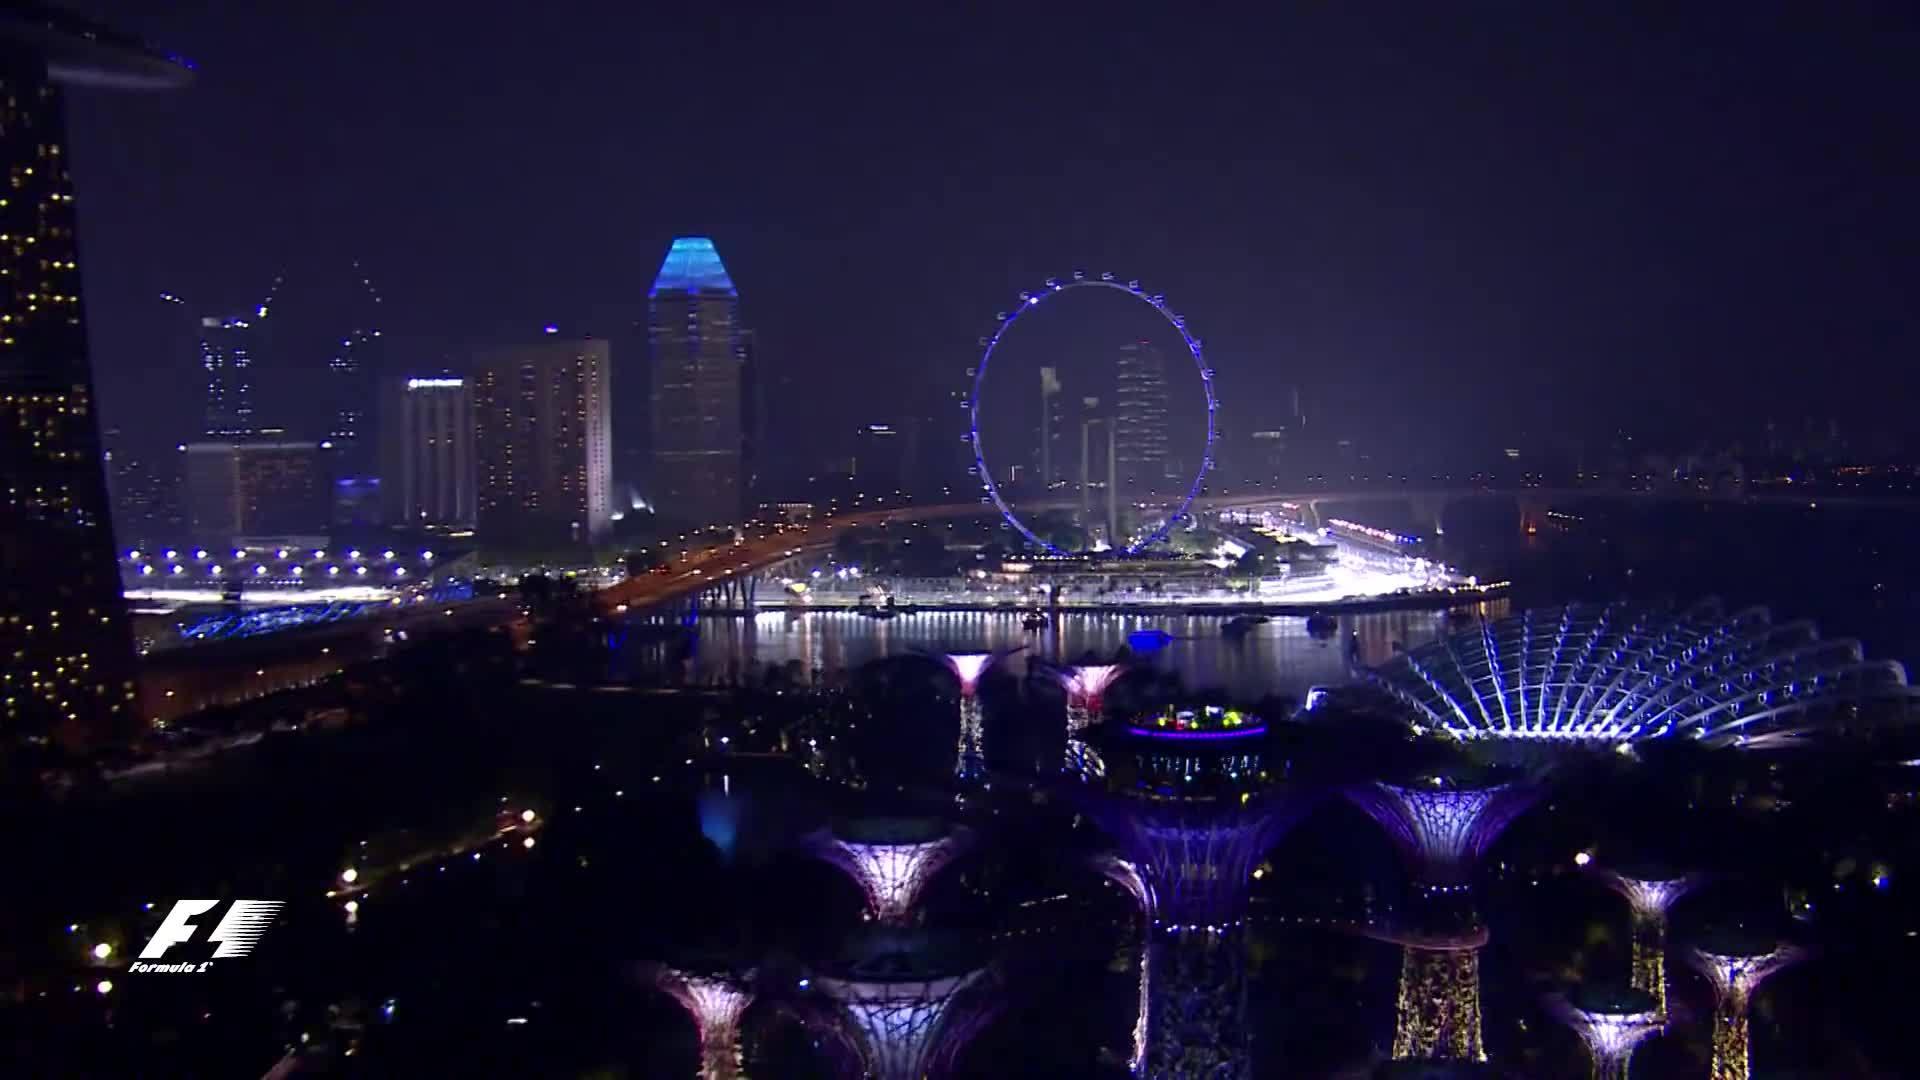 f1, sport, sports, Singapore Skyline GIFs